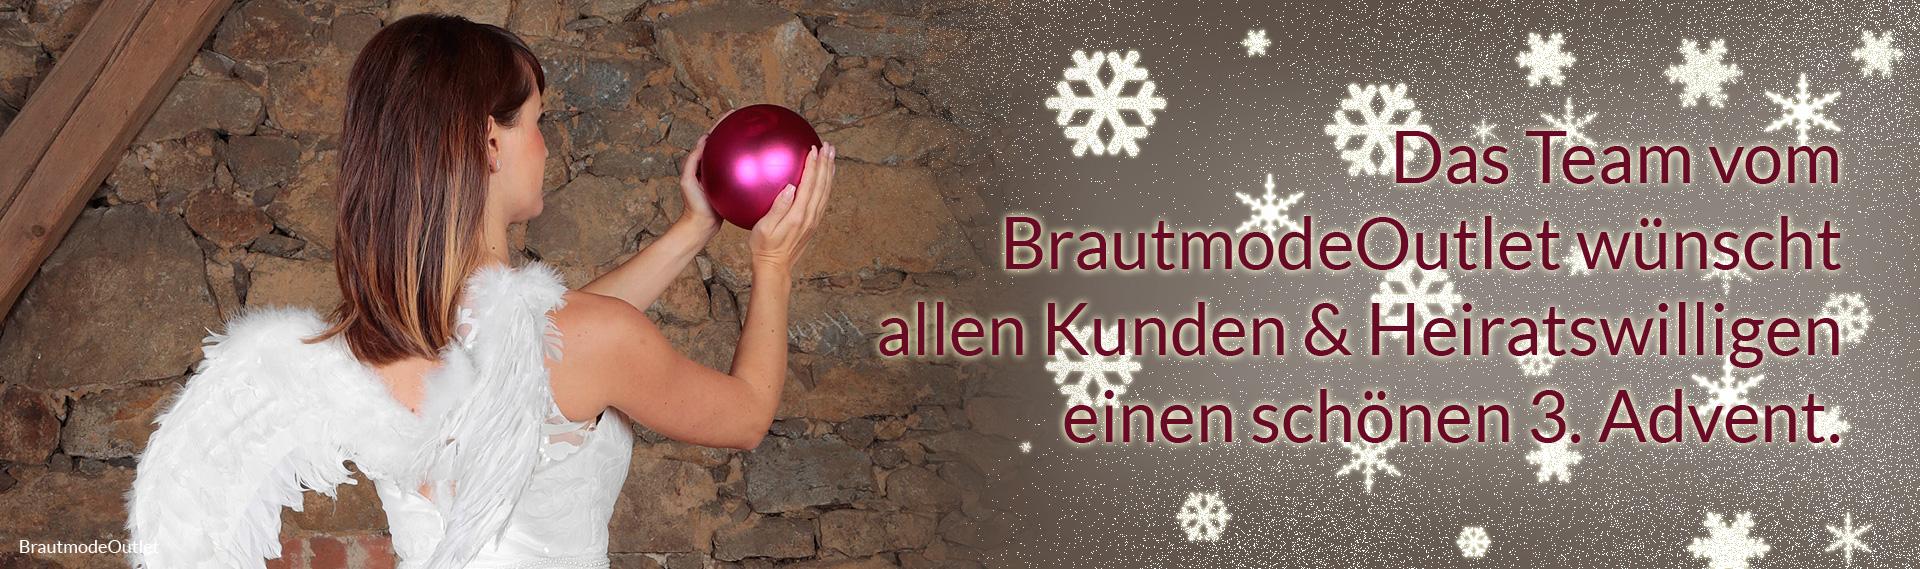 Brautmode Outlet Bautzen Engel 3. Advent